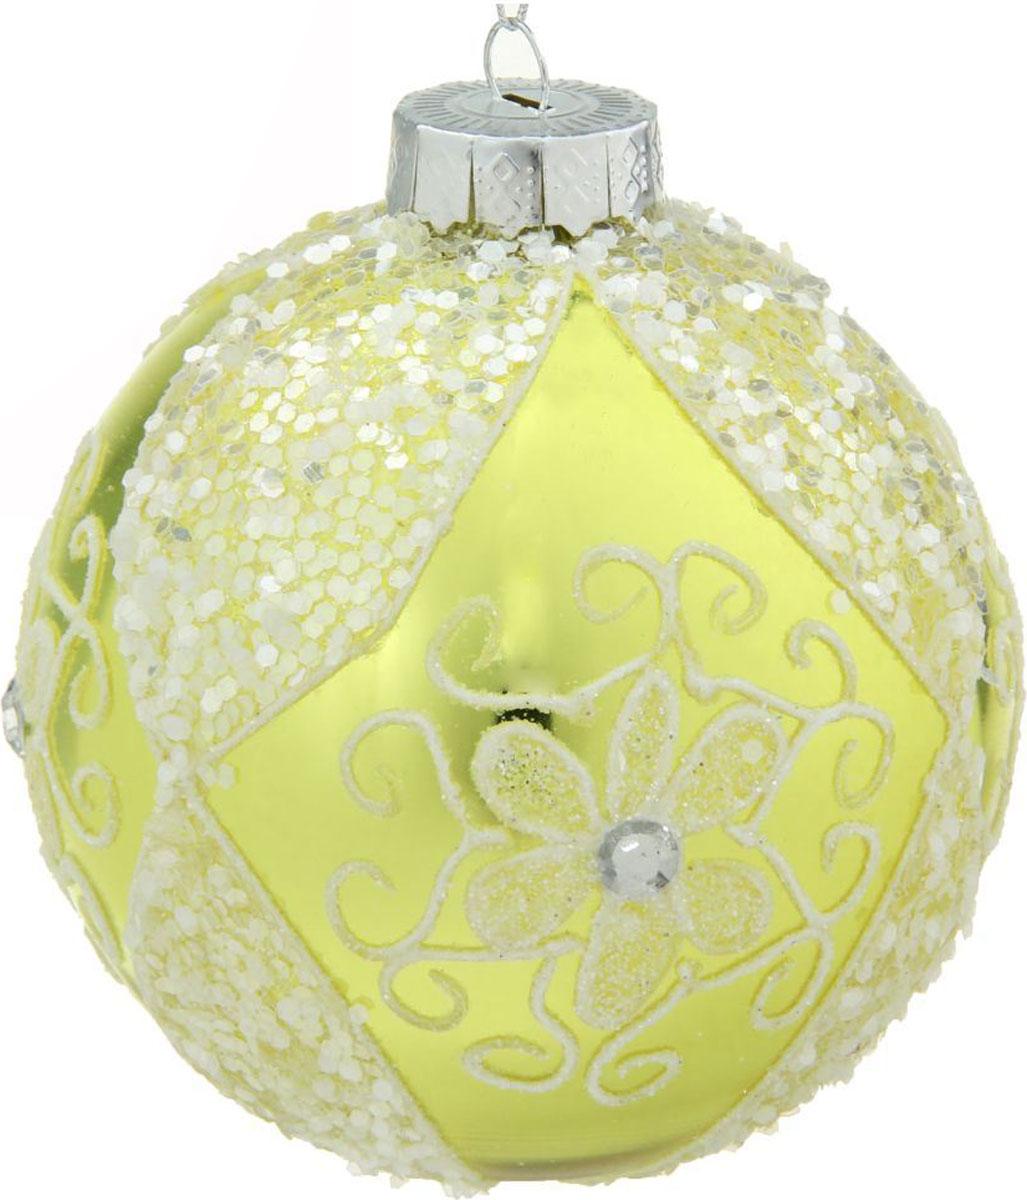 Новогоднее подвесное украшение Sima-land Цветок узорный, диаметр 10 см sima land антистрессовая игрушка заяц хрустик 05 цвет красный